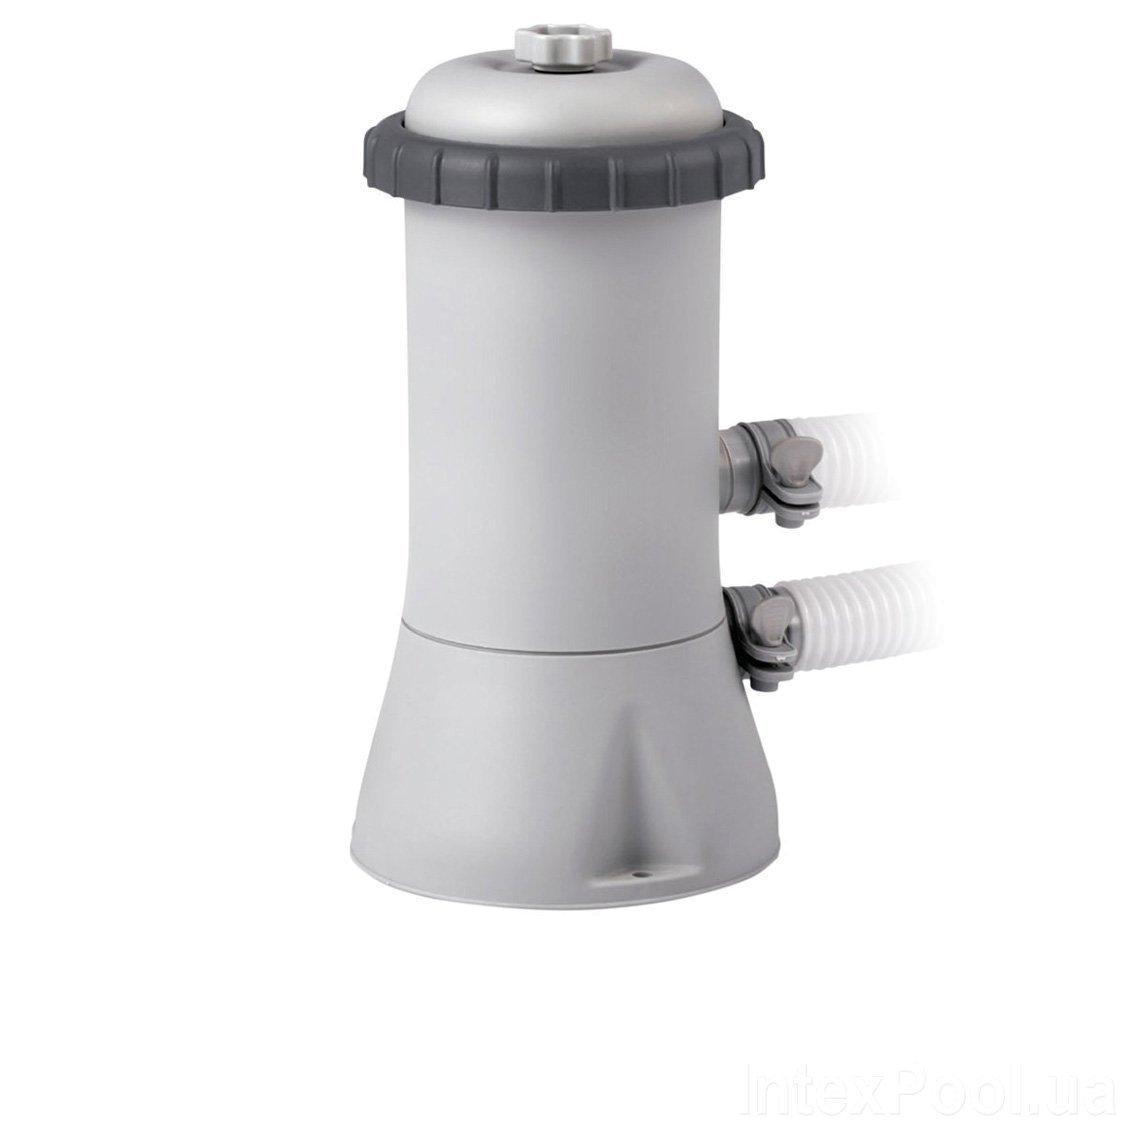 Картриджный фильтр насос Intex 28604, 2 006 л/ч, тип А